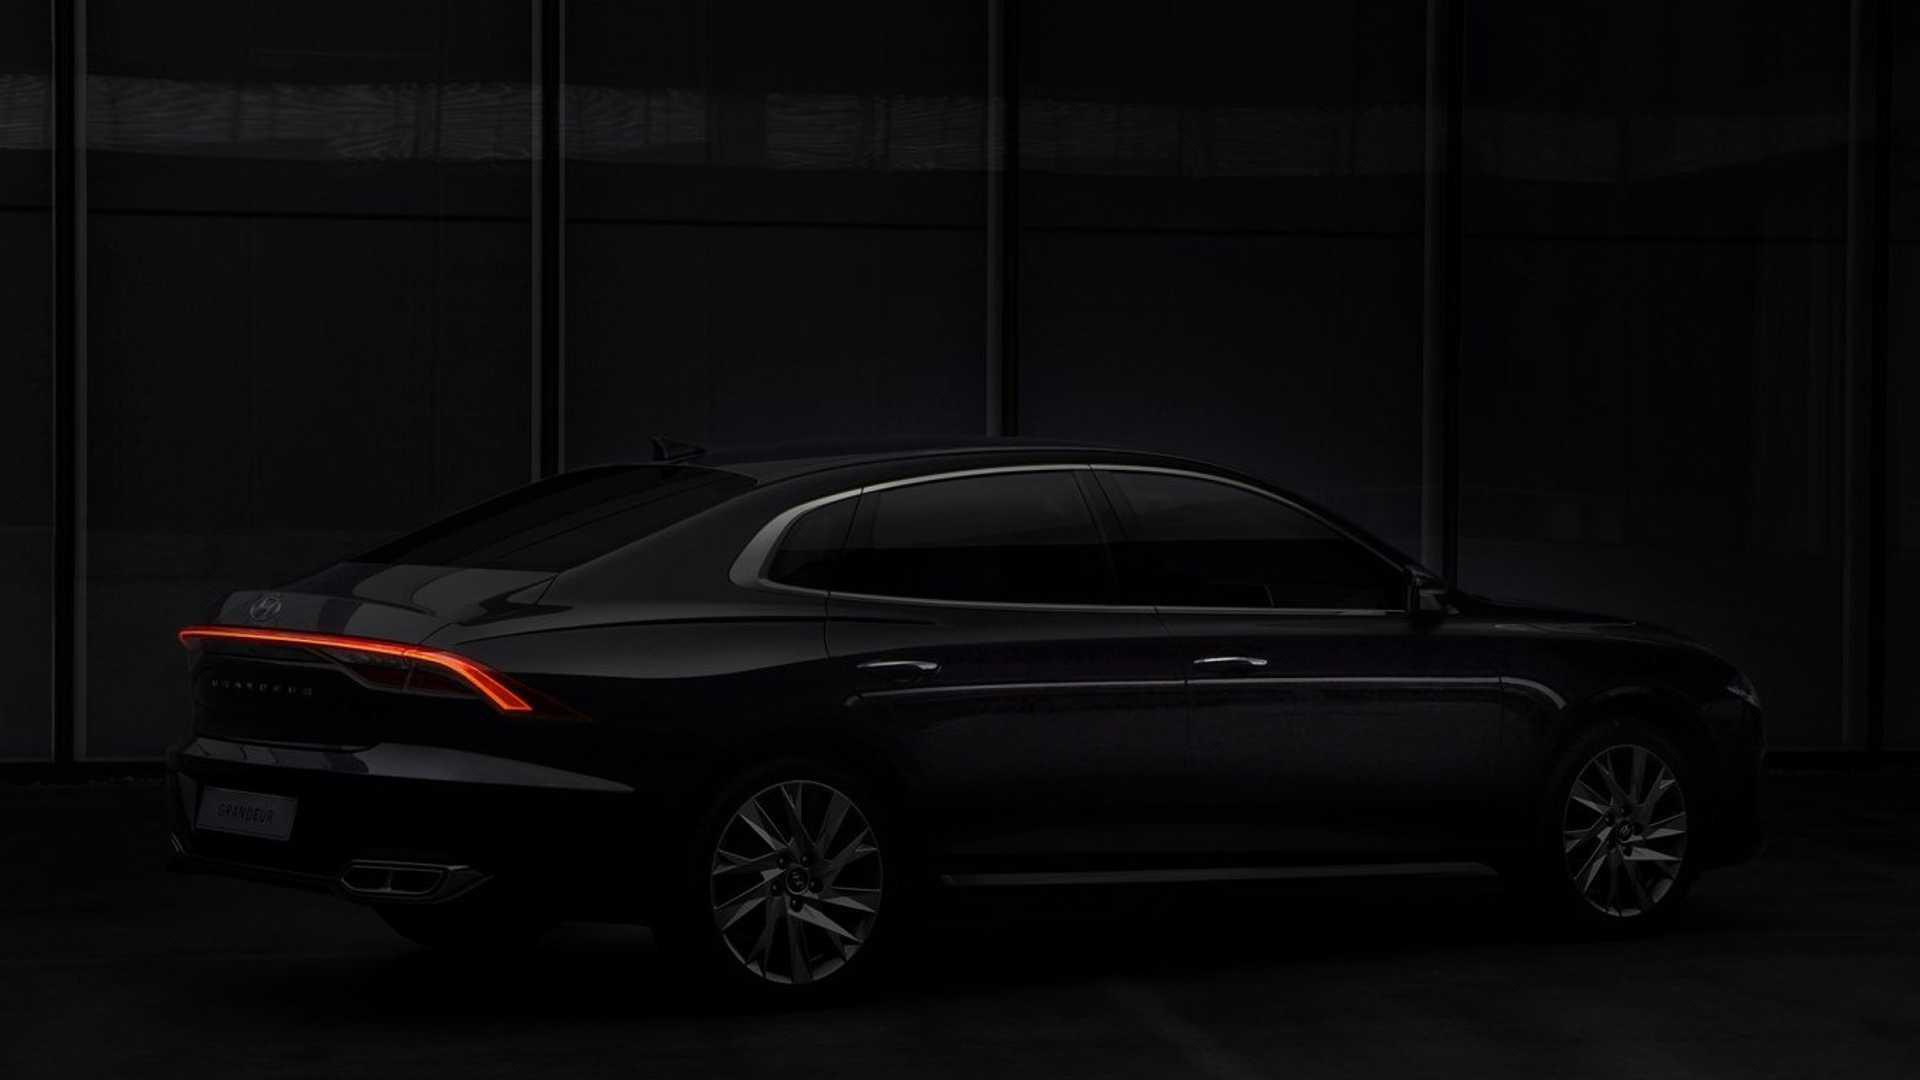 2020_Hyundai_Grandeur_Facelift_0001